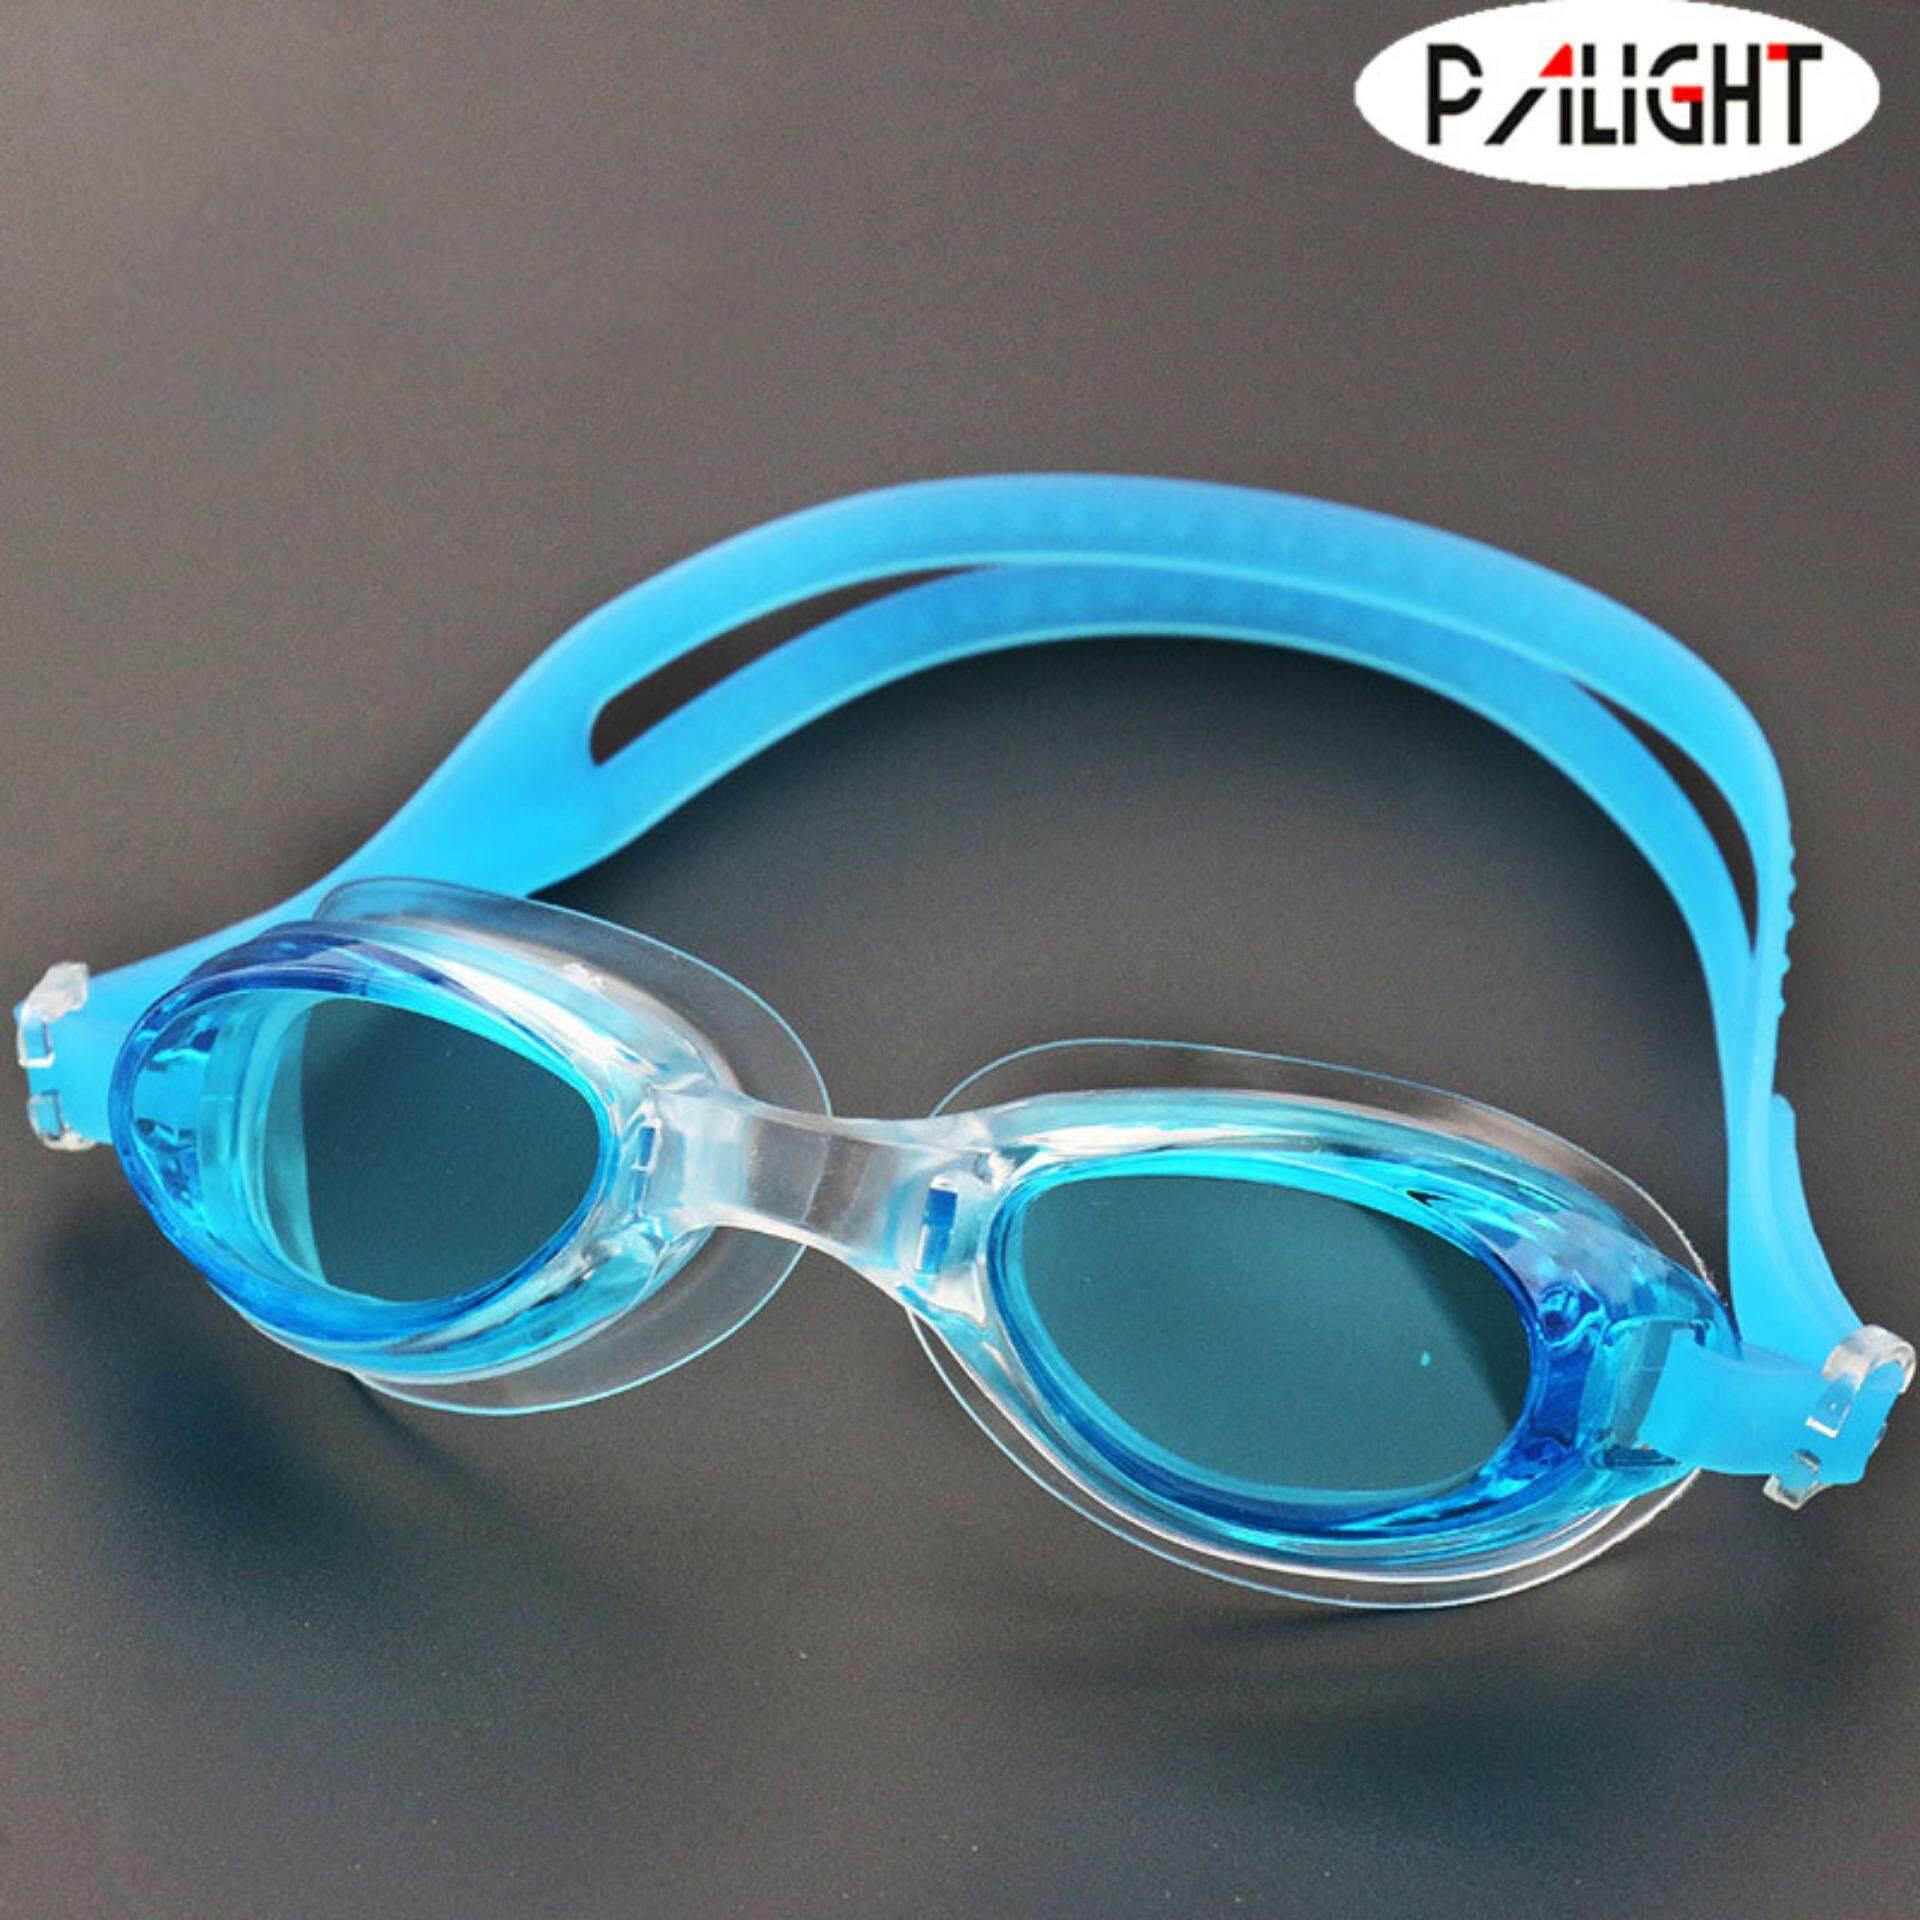 มืออาชีพ Palight เด็กแว่นตาป้องกันหมอกยูวีเลนส์ดำน้ำแว่นตาว่ายน้ำ - นานาชาติ.